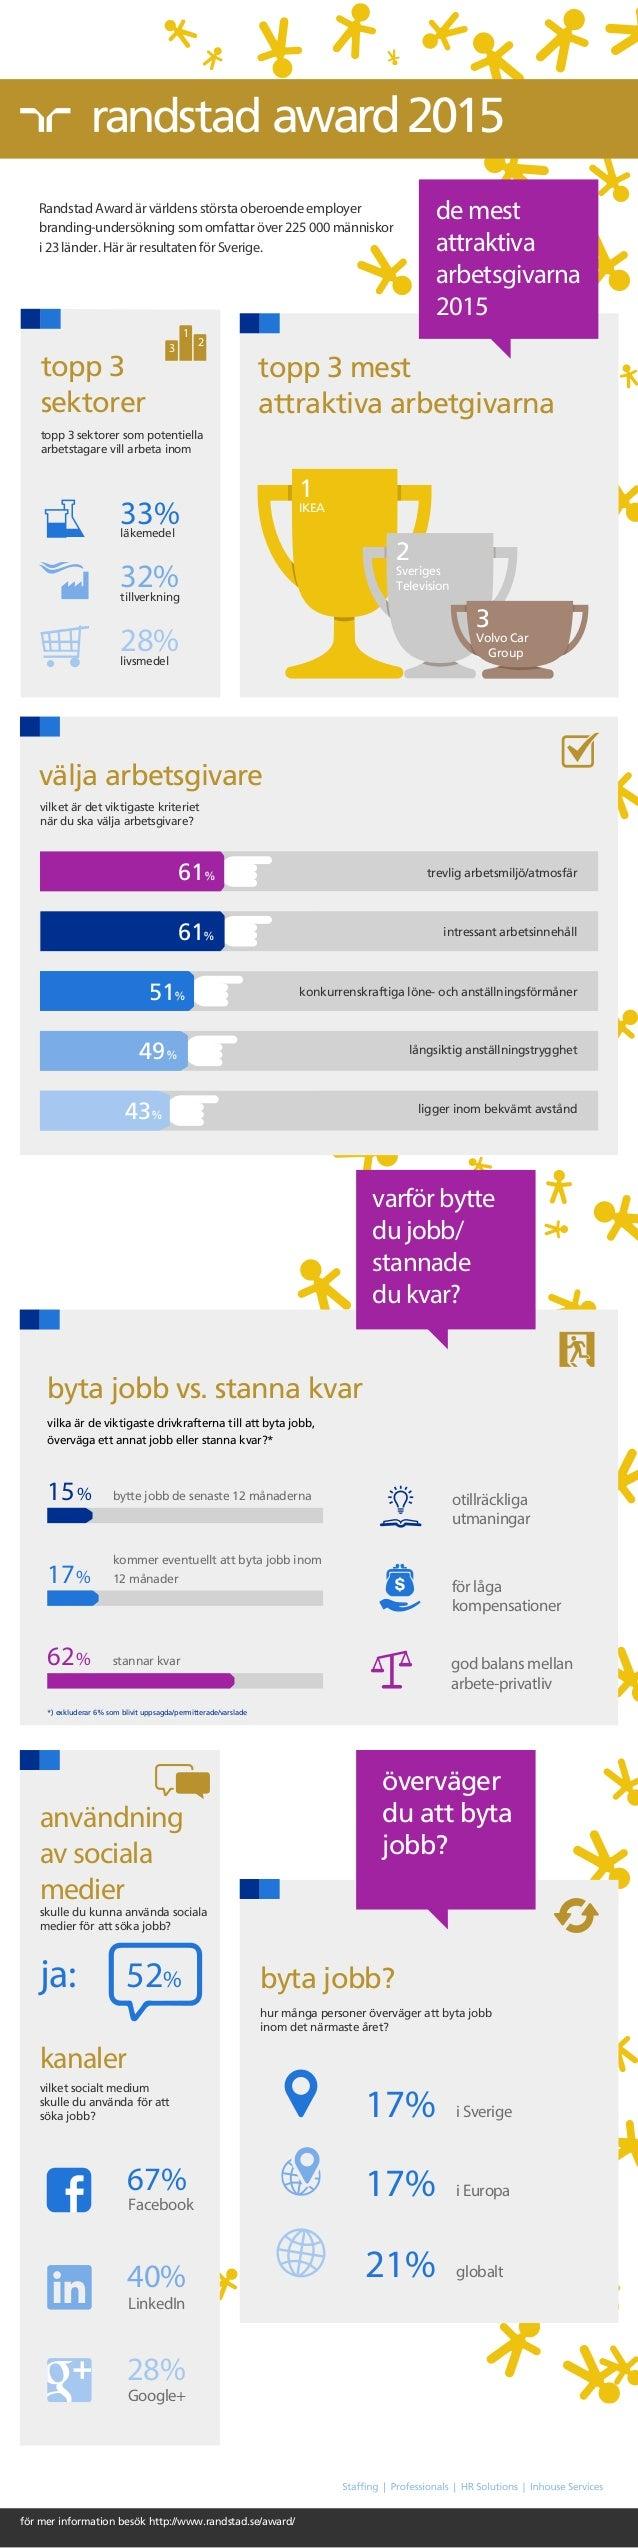 för mer information besök http://www.randstad.se/award/ award2015 byta jobb? hur många personer överväger att byta jobb in...